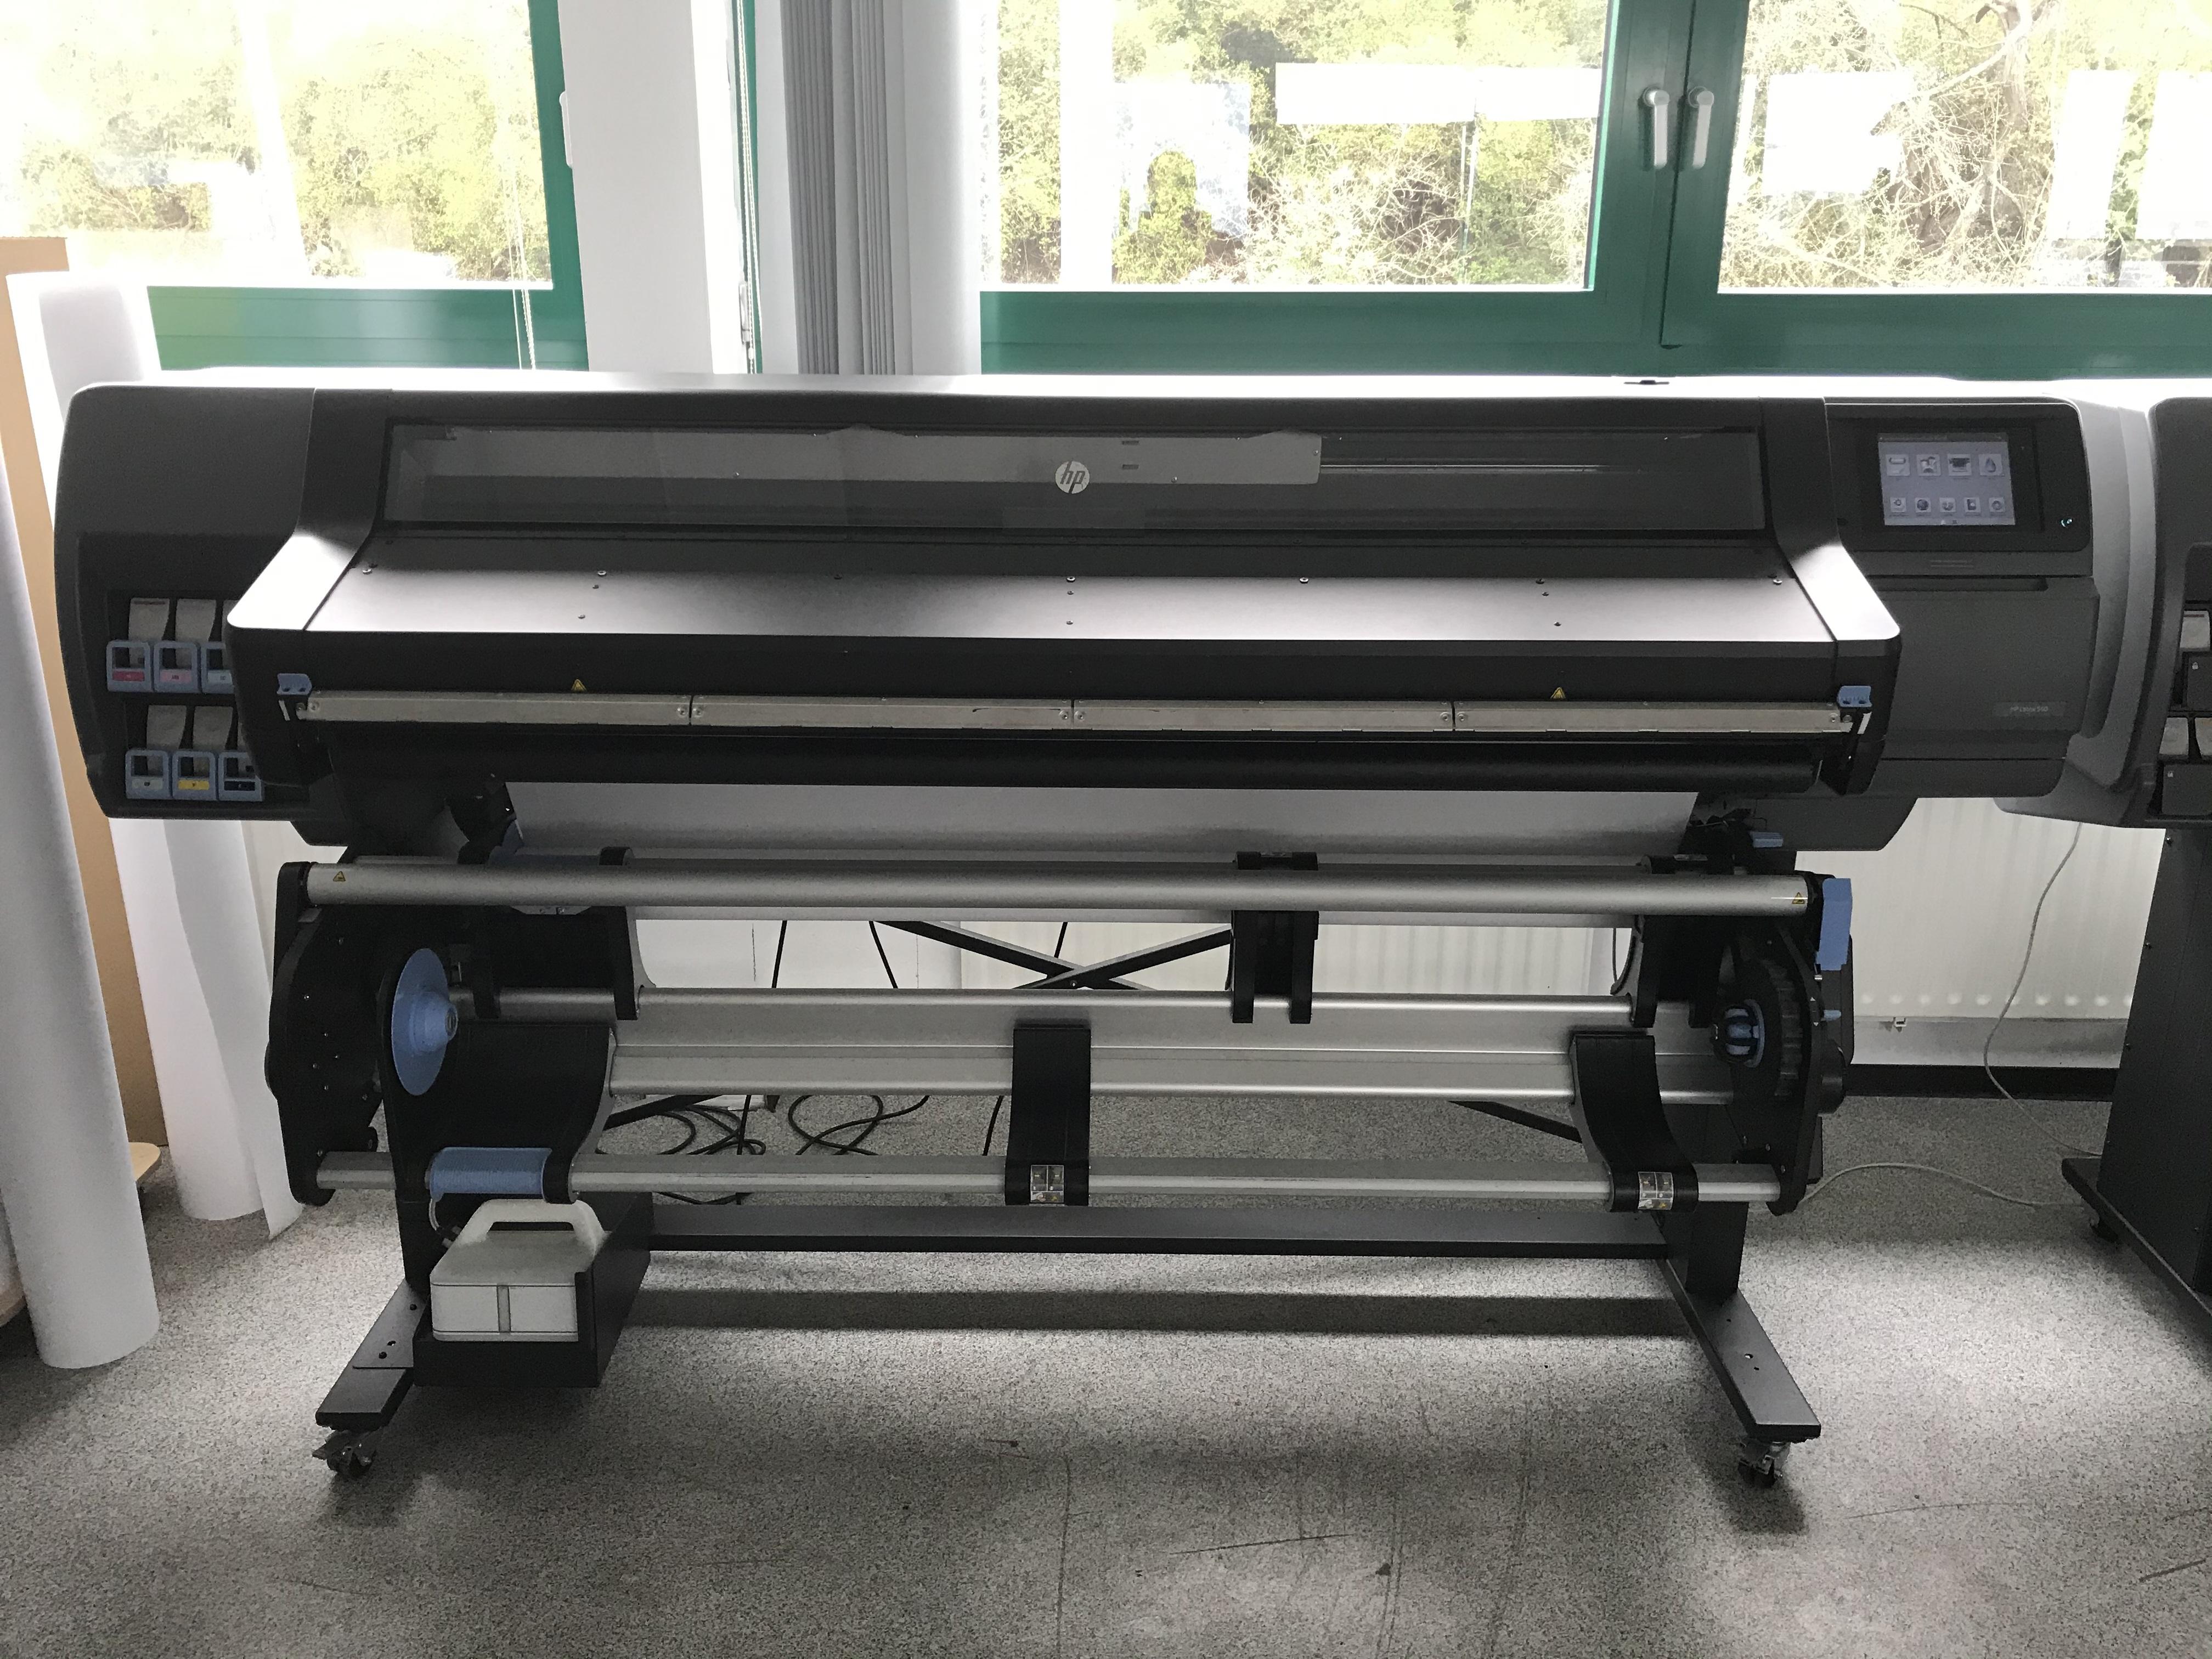 HP Latex 560 - Gebrauchtgerät